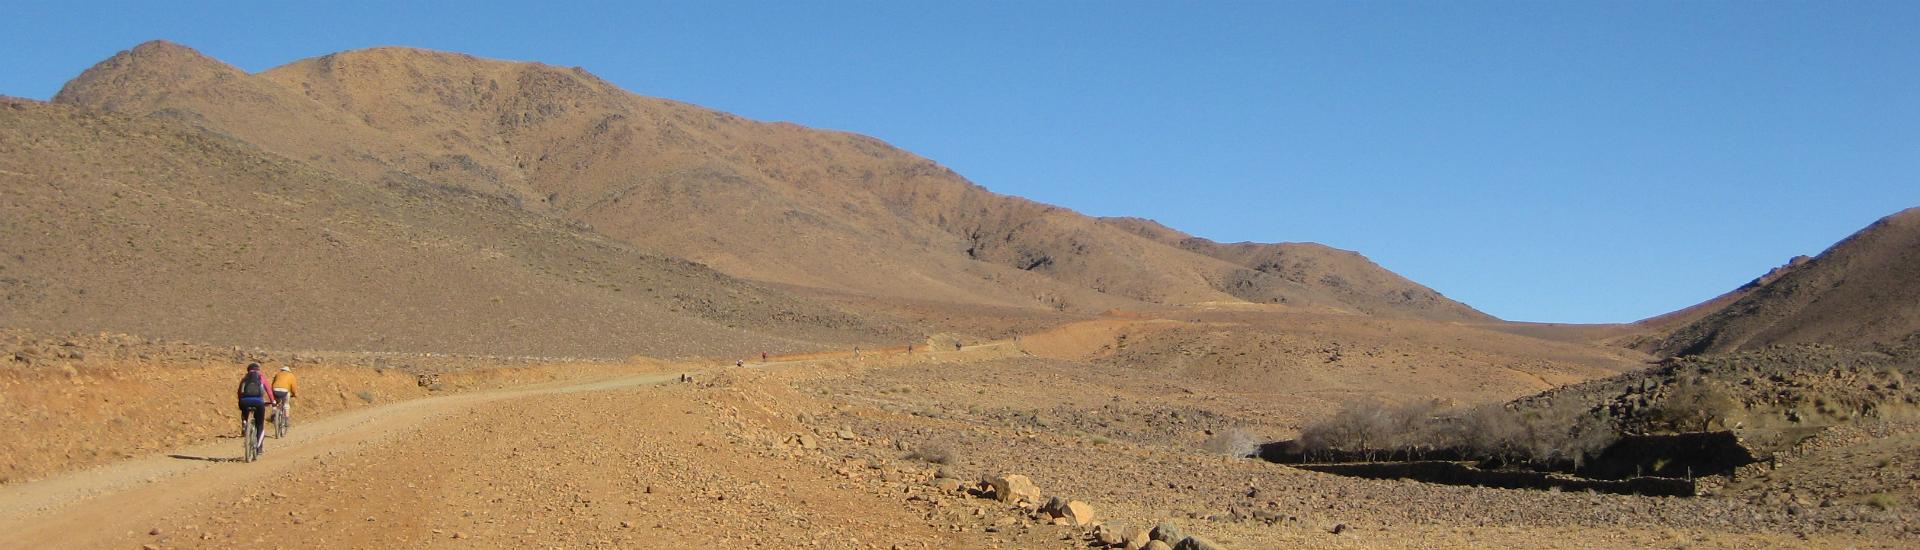 zaken doen met marokko